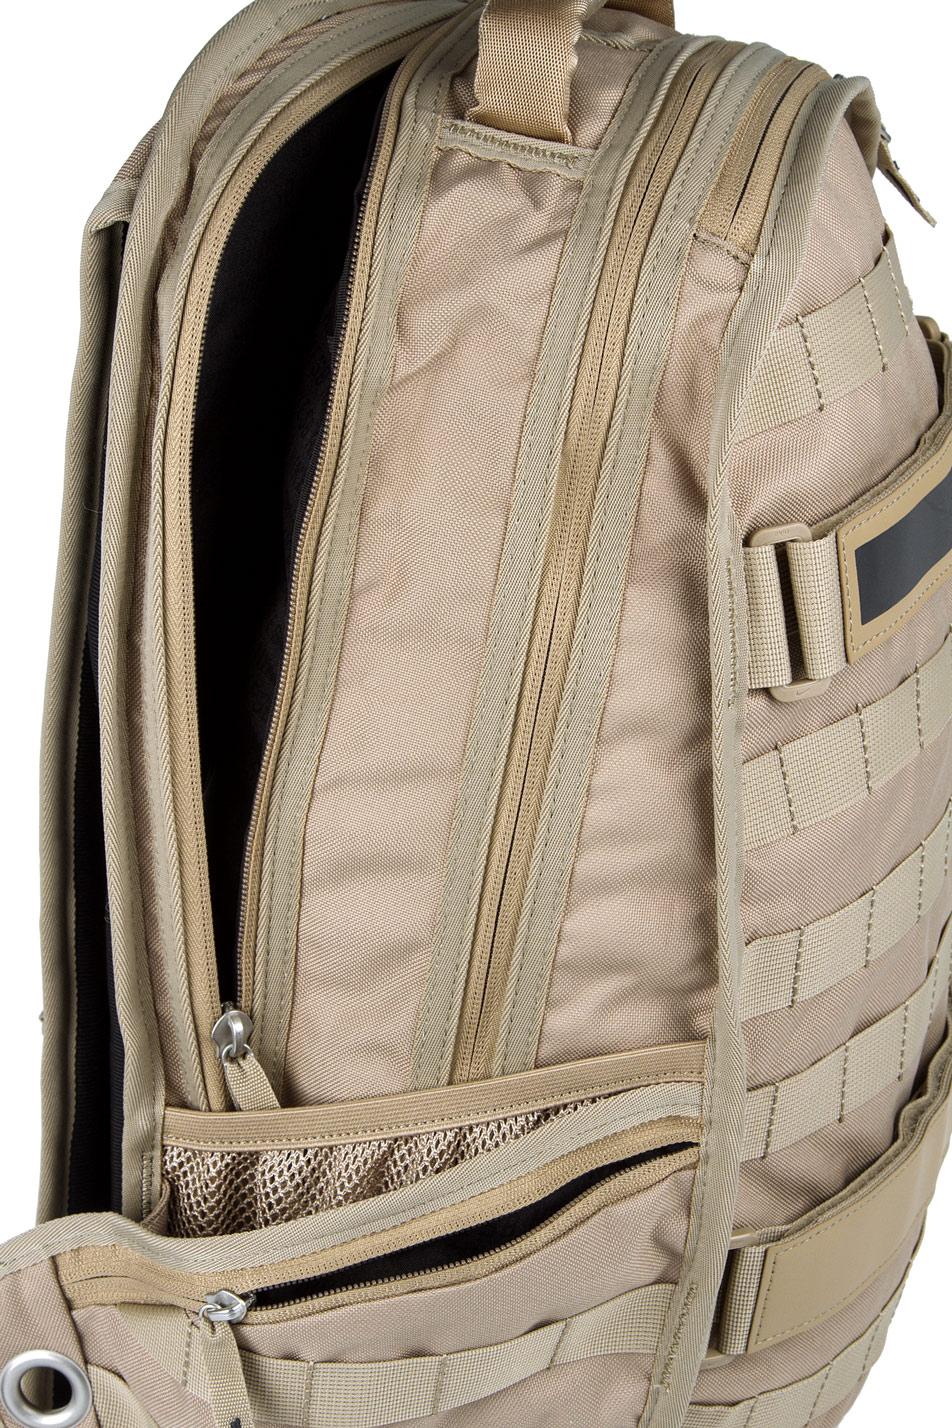 cf057905f58ba ... Plecak Nike SB RPM Khaki / Khaki / Black · Zdjęcie produktu. Zdjęcie  produktu